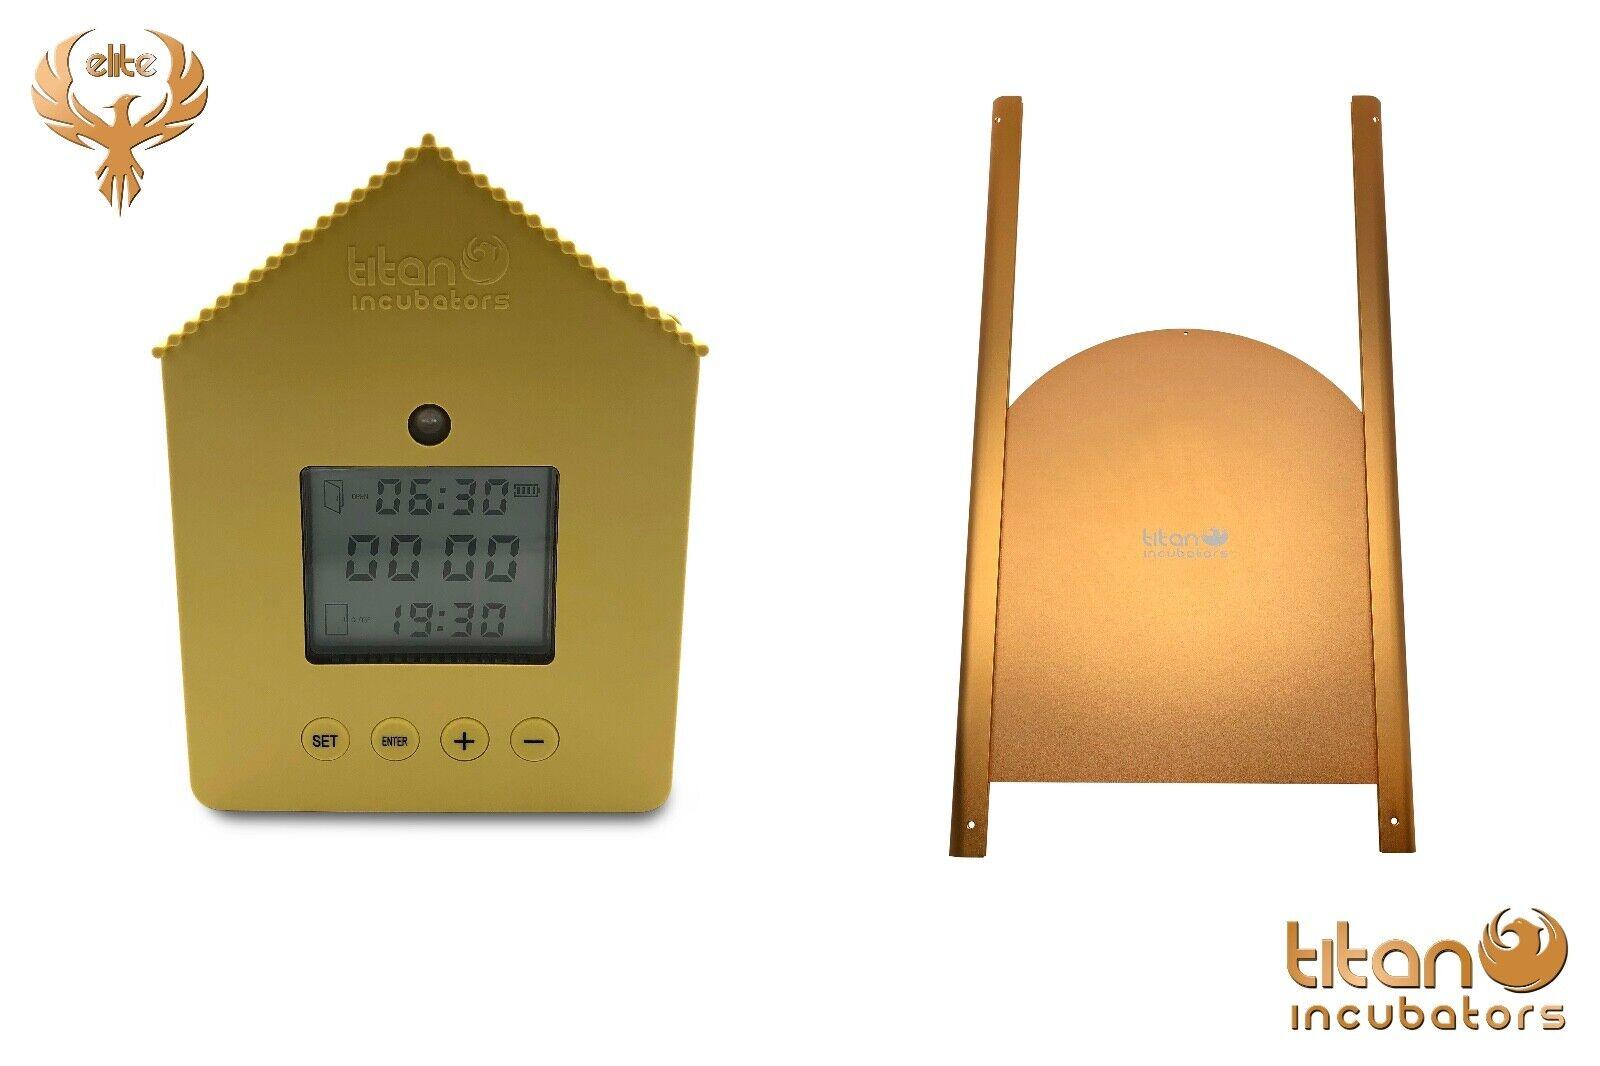 disegni esclusivi Elite imbullonata + POLLO automatica casa maniglie con sensore sensore sensore di luce e timer  nuovo sadico